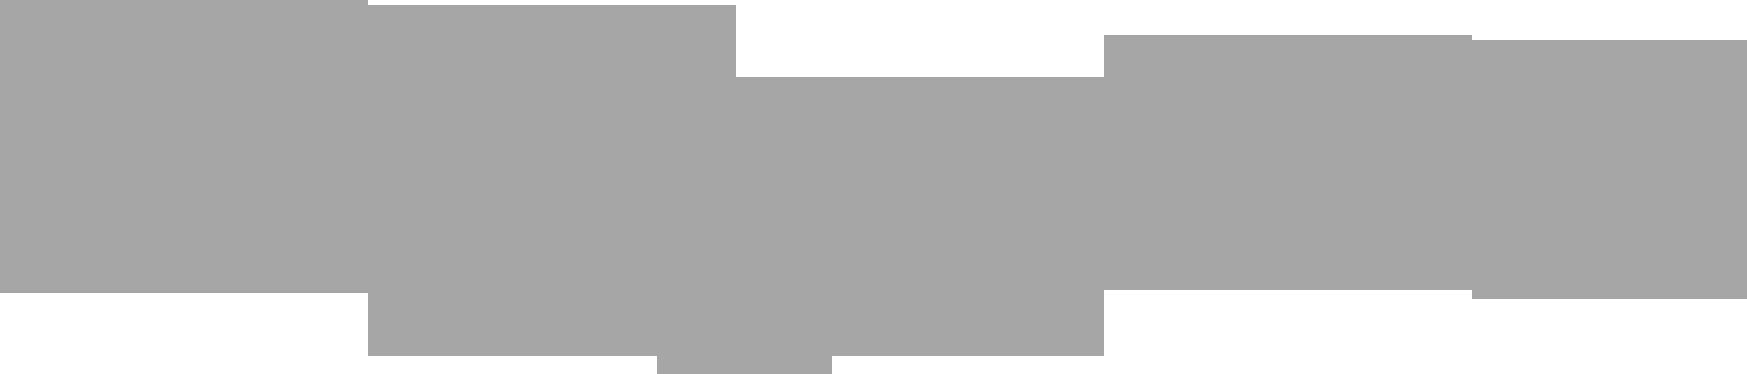 ColgateLogo_Grey-35.png